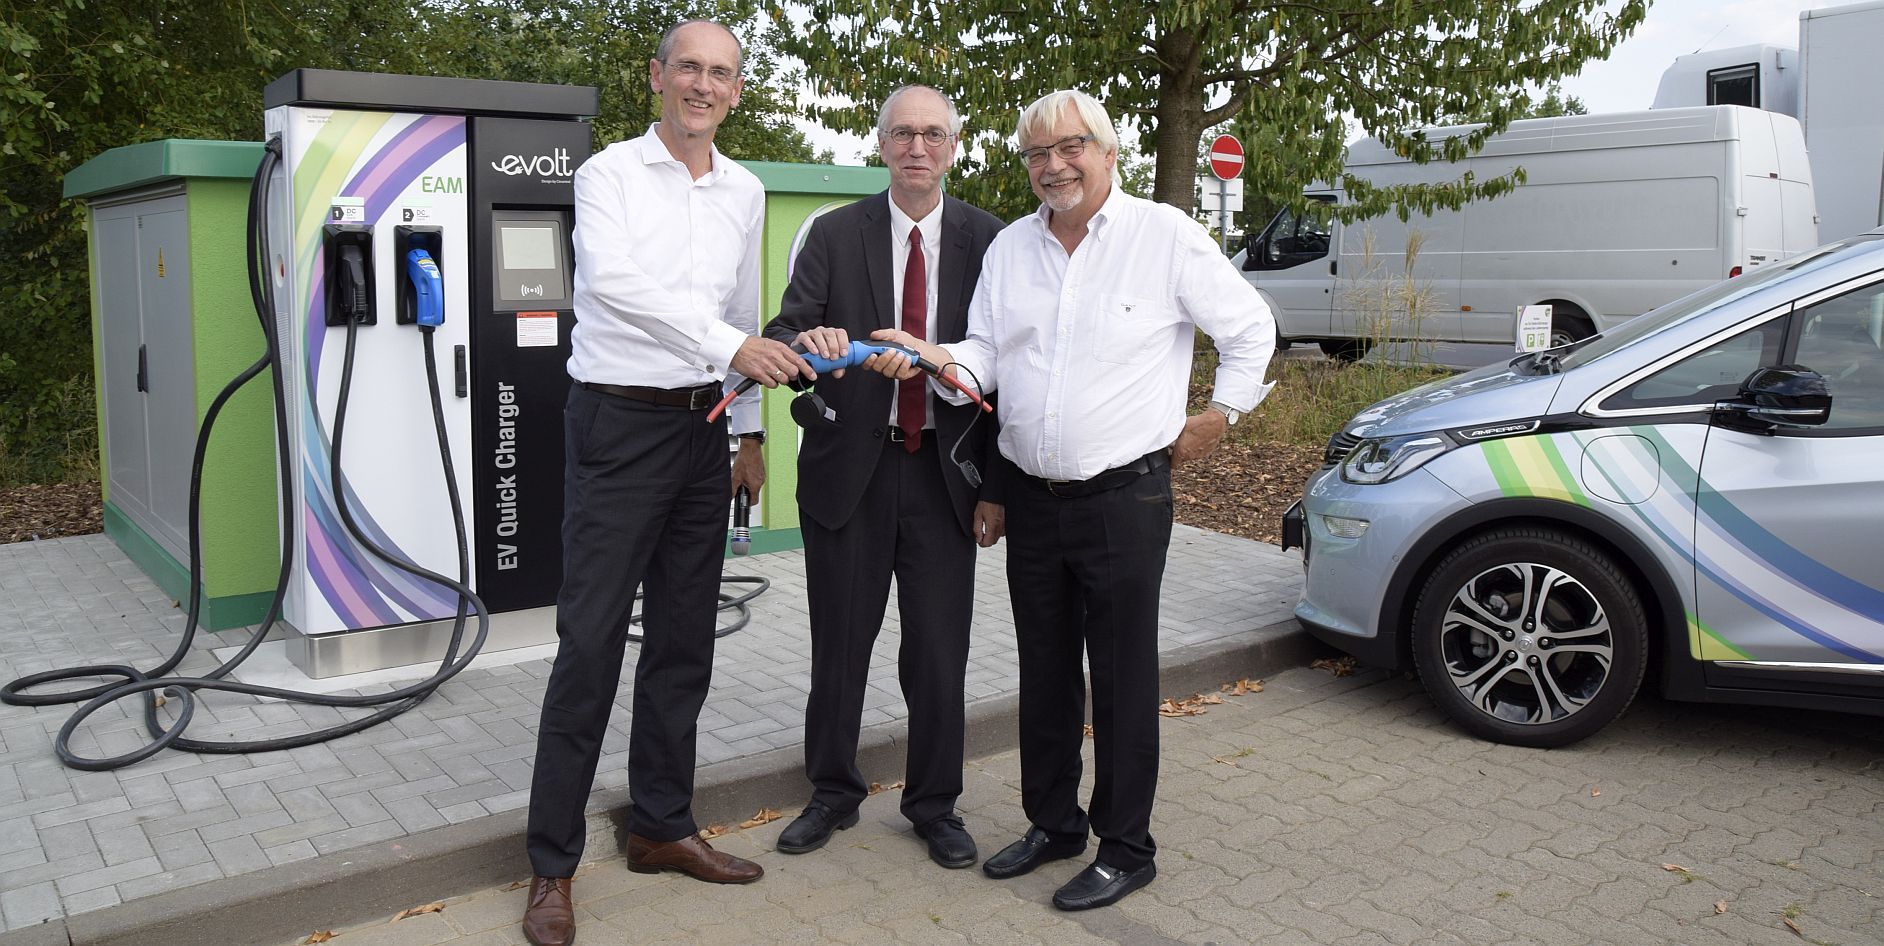 Bei der Eröffnung der Schnellladesäule in Göttingen im vergangenen Jahr: (v.li.) EAM-Geschäftsführer Thomas Weber, Hans-Peter Wyderka (nieders. Ministerium für Wirtschaft, Arbeit, Verkehr und Digitalisierung) sowie Oberbürgermeister Rolf-Georg Köhler.